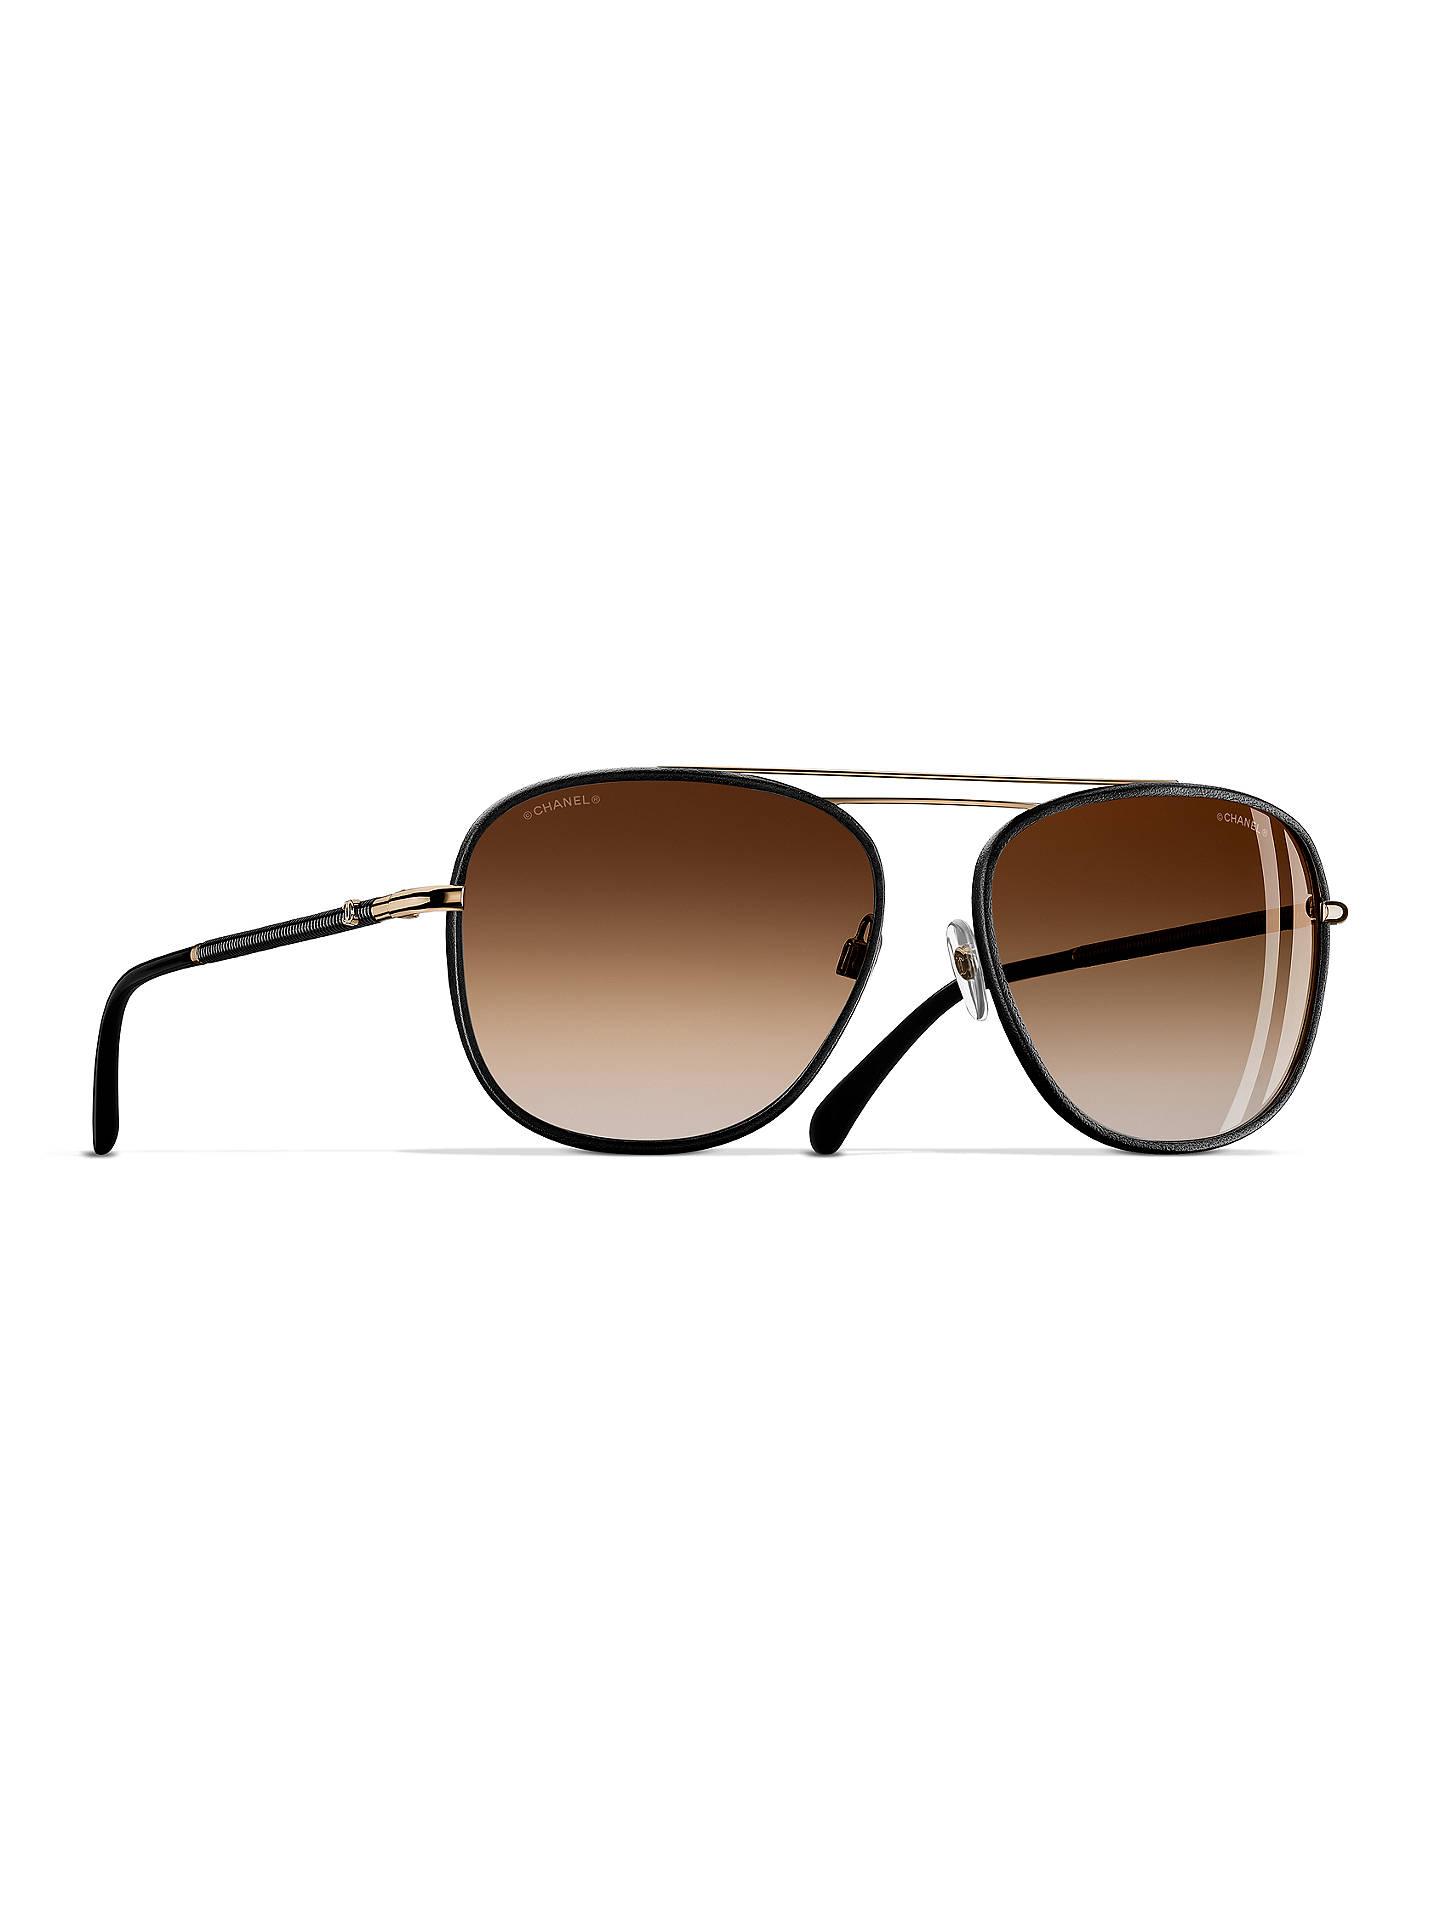 d08b1d010d313 Buy CHANEL Pilot Sunglasses CH4230Q Black Gold Online at johnlewis.com ...